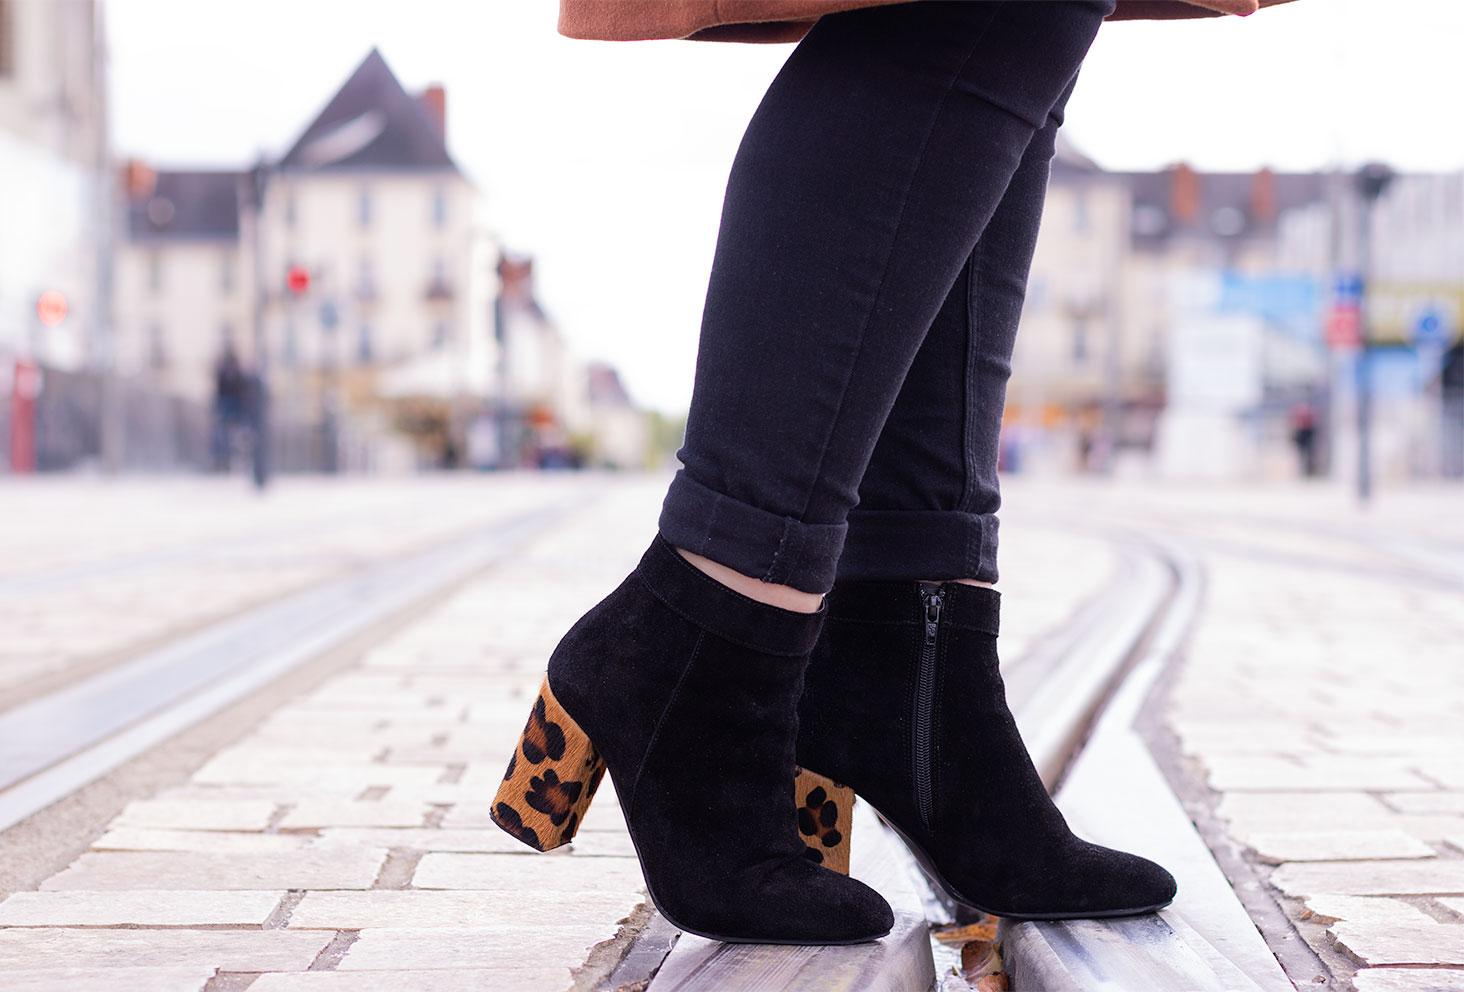 Les bottines noires en nubuk aux talons léopard de la marque Texto portées avec un jean noir en plein centre ville